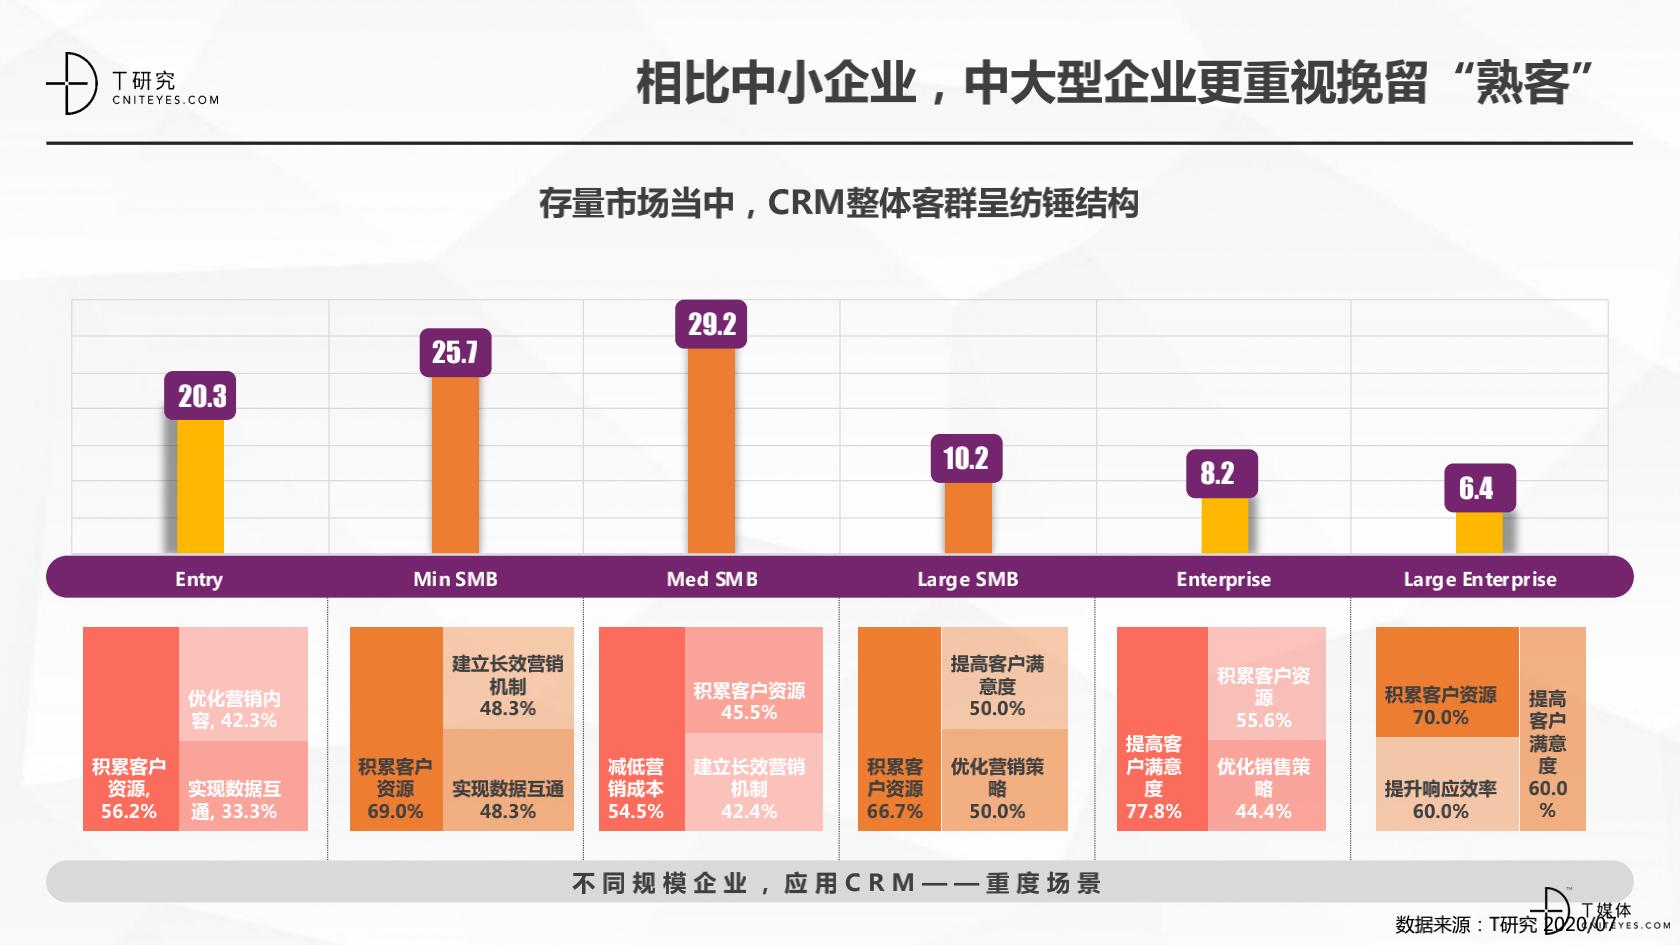 2_2020中国CRM指数测评报告v1.5_15.png